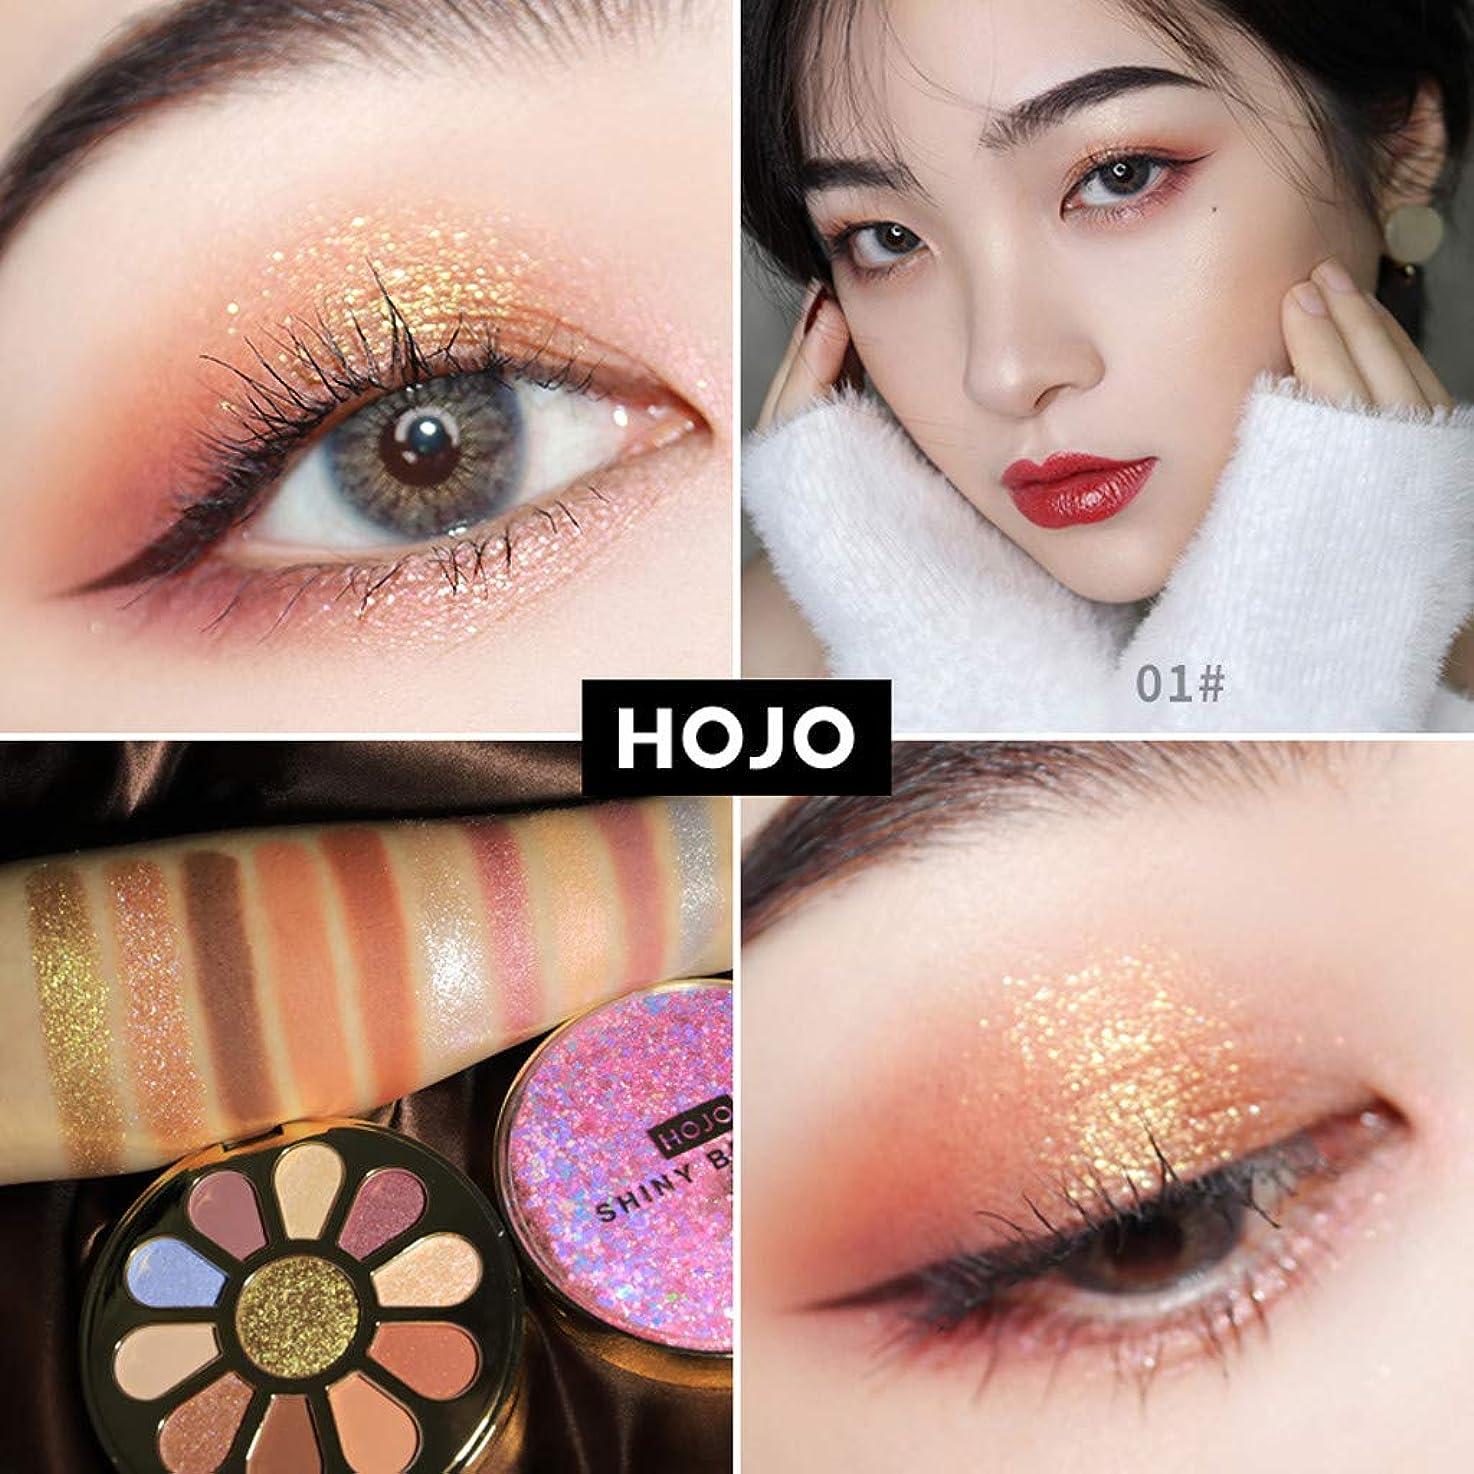 ブランチ時代ディスパッチAkane アイシャドウパレット HOJO ファッション 魅力的 高級 美しい 優雅な 花 綺麗 キラキラ 素敵 持ち便利 日常 Eye Shadow (11色) 8031